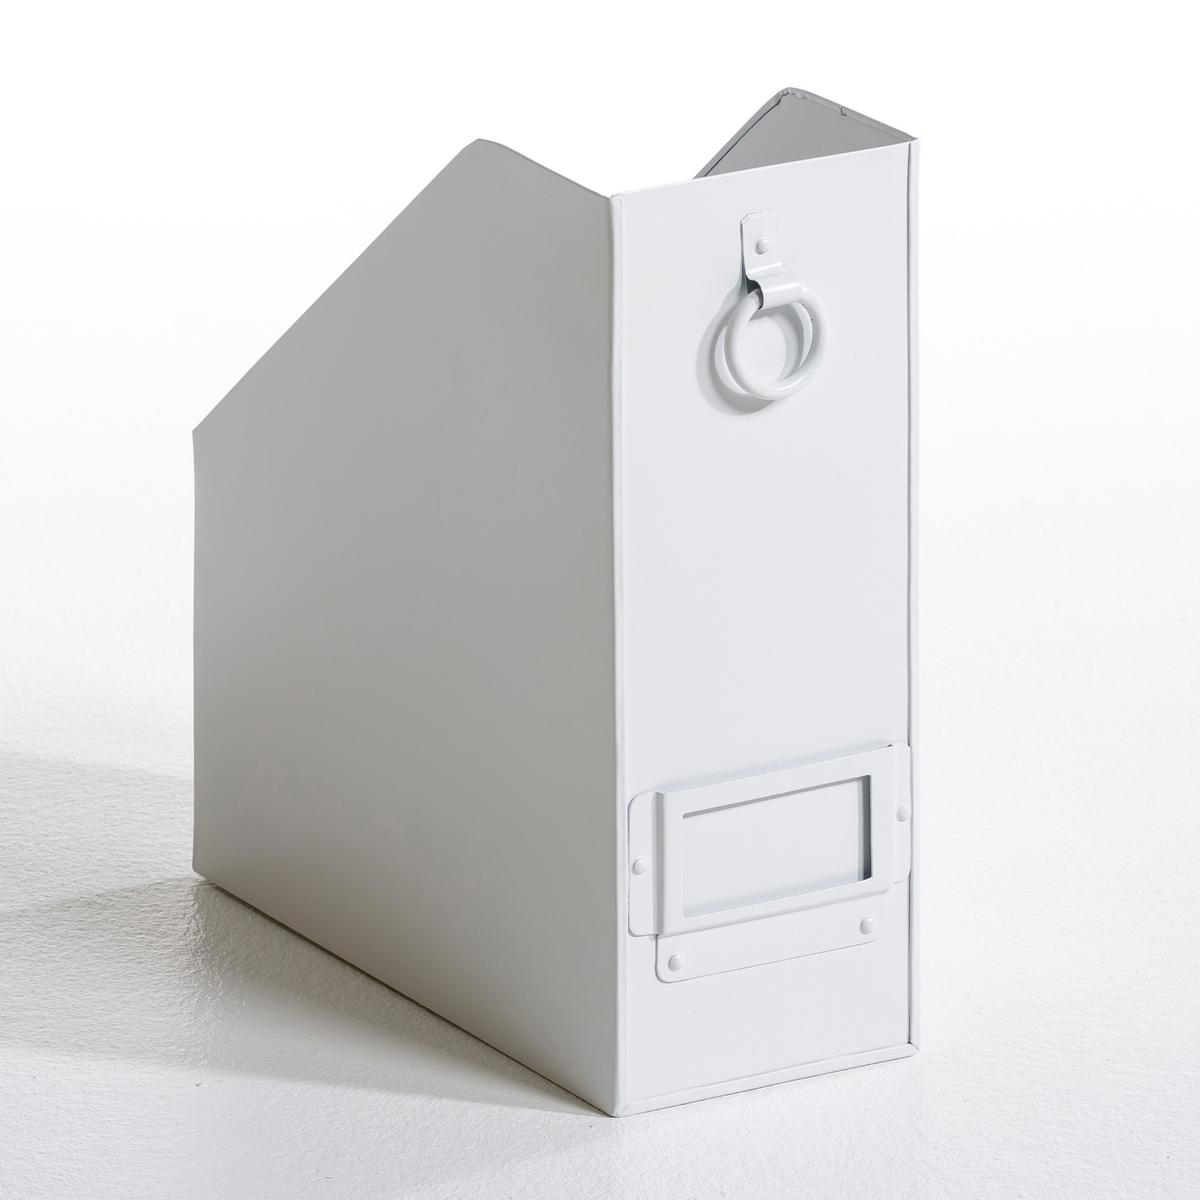 Подставка для папок металлическая Henry подставки для ванны bebe jou подставка металлическая под ванночку